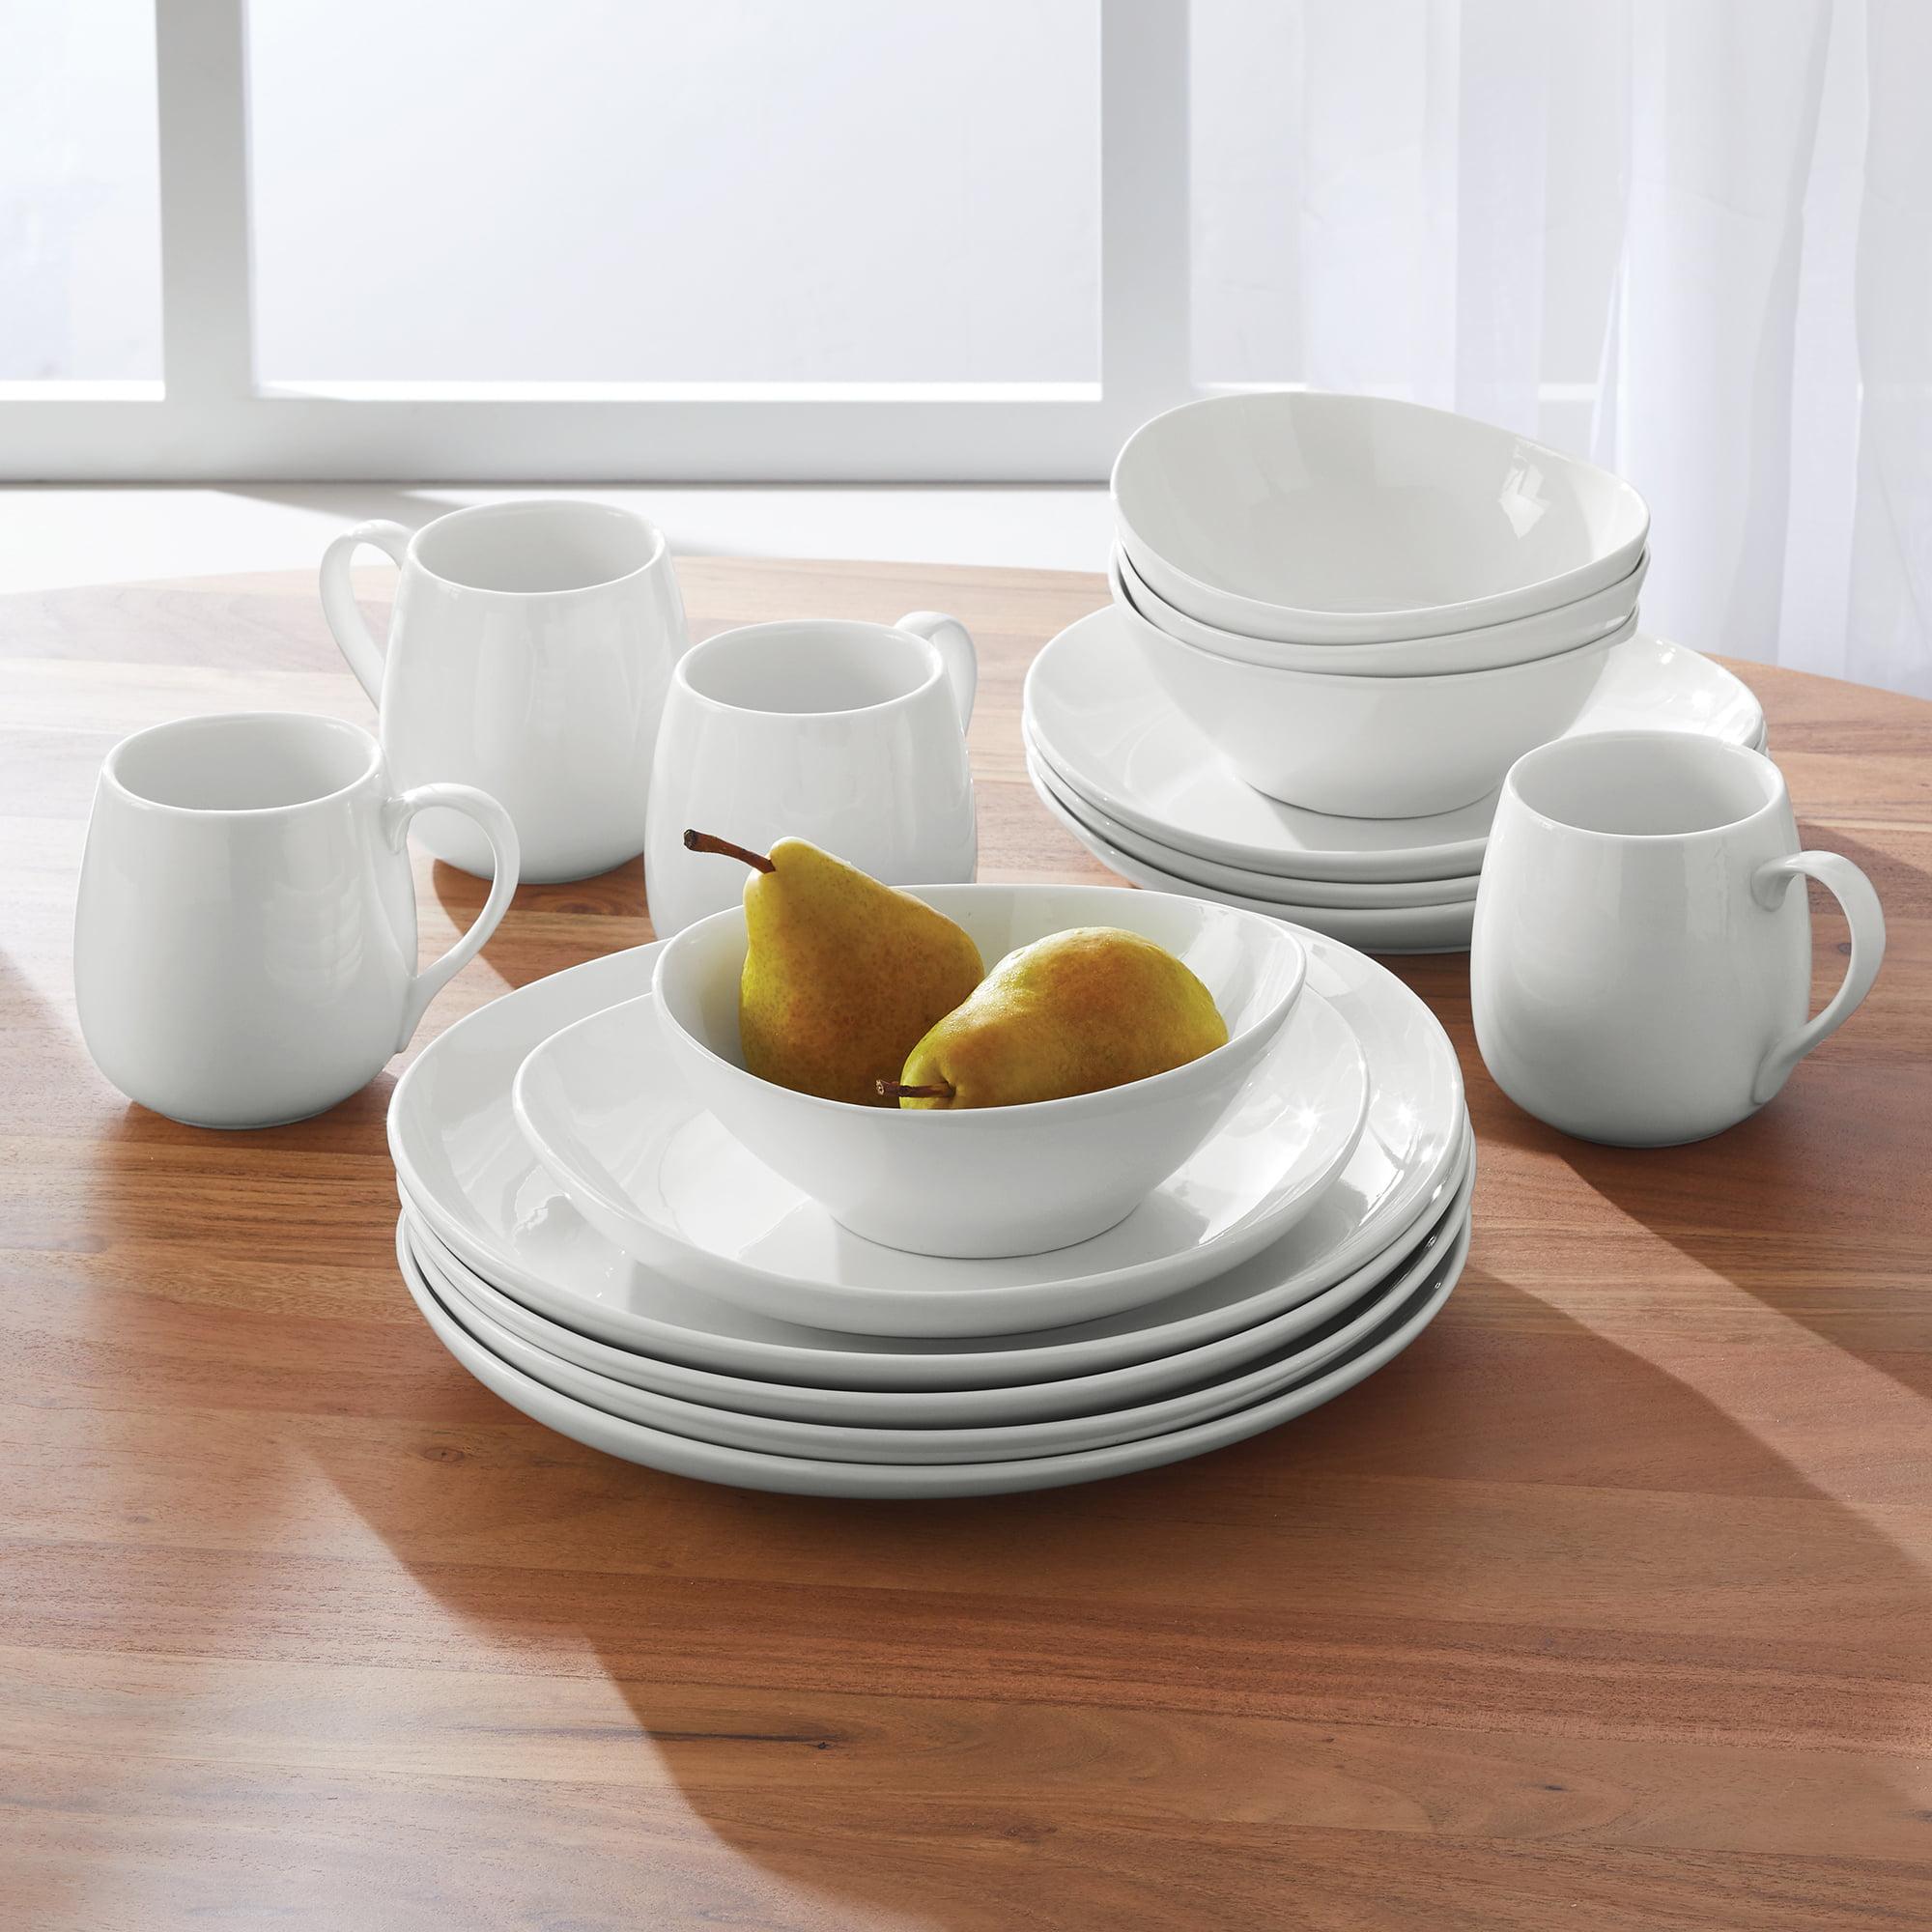 Walmart Housewares: Better Homes & Gardens 16 Piece Monroe Oval Dinnerware Set